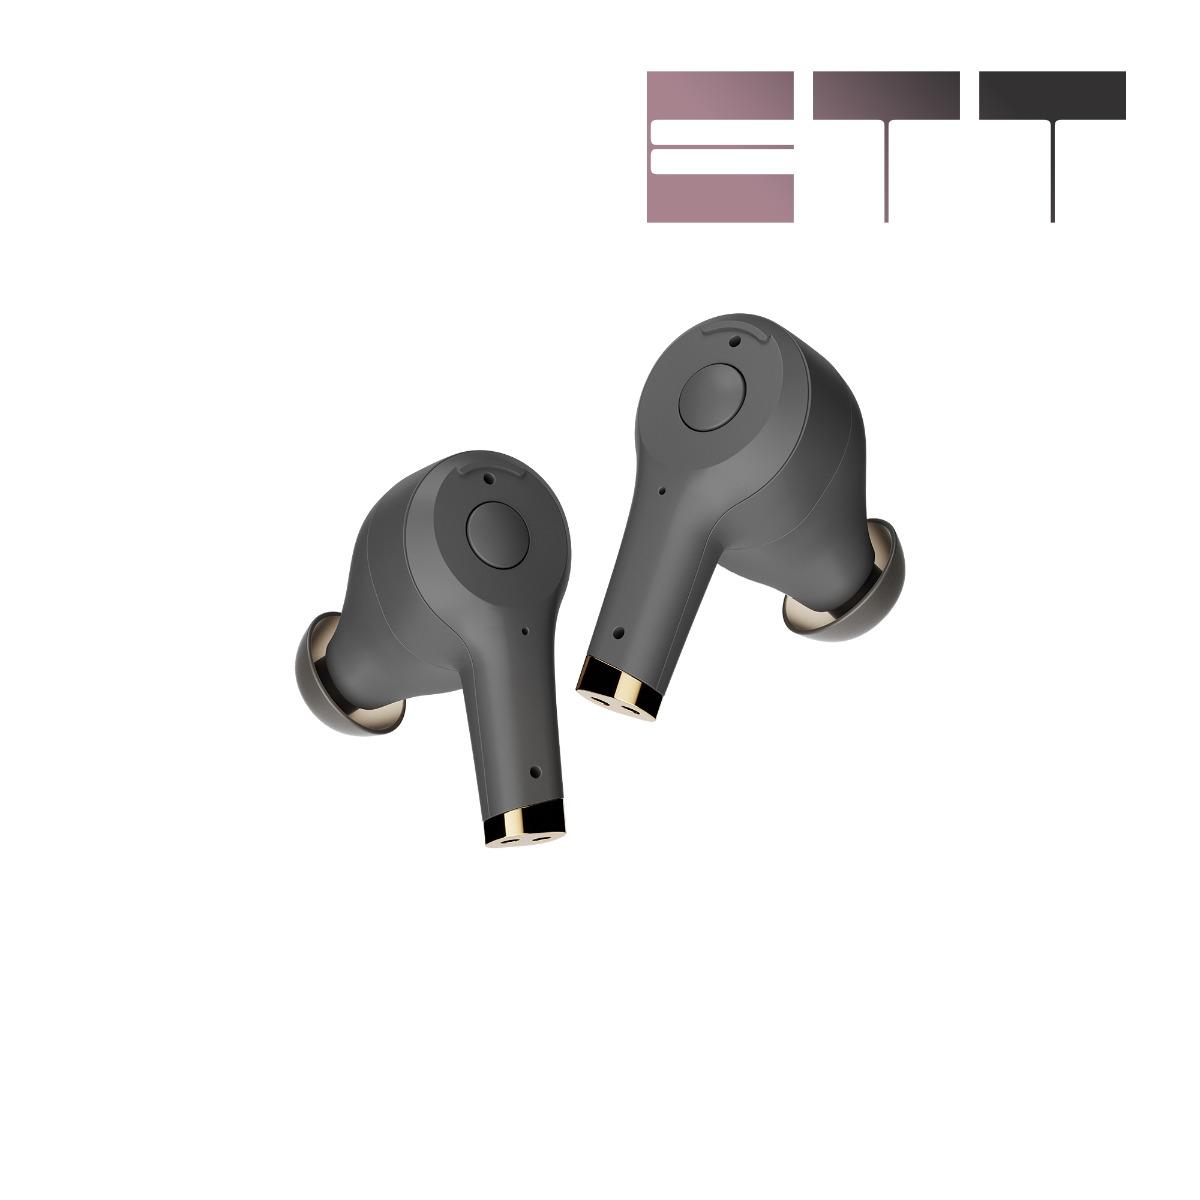 Sudio Ett öronsnäckor hörlurar trådlös IPX5 aktiv brusreducering